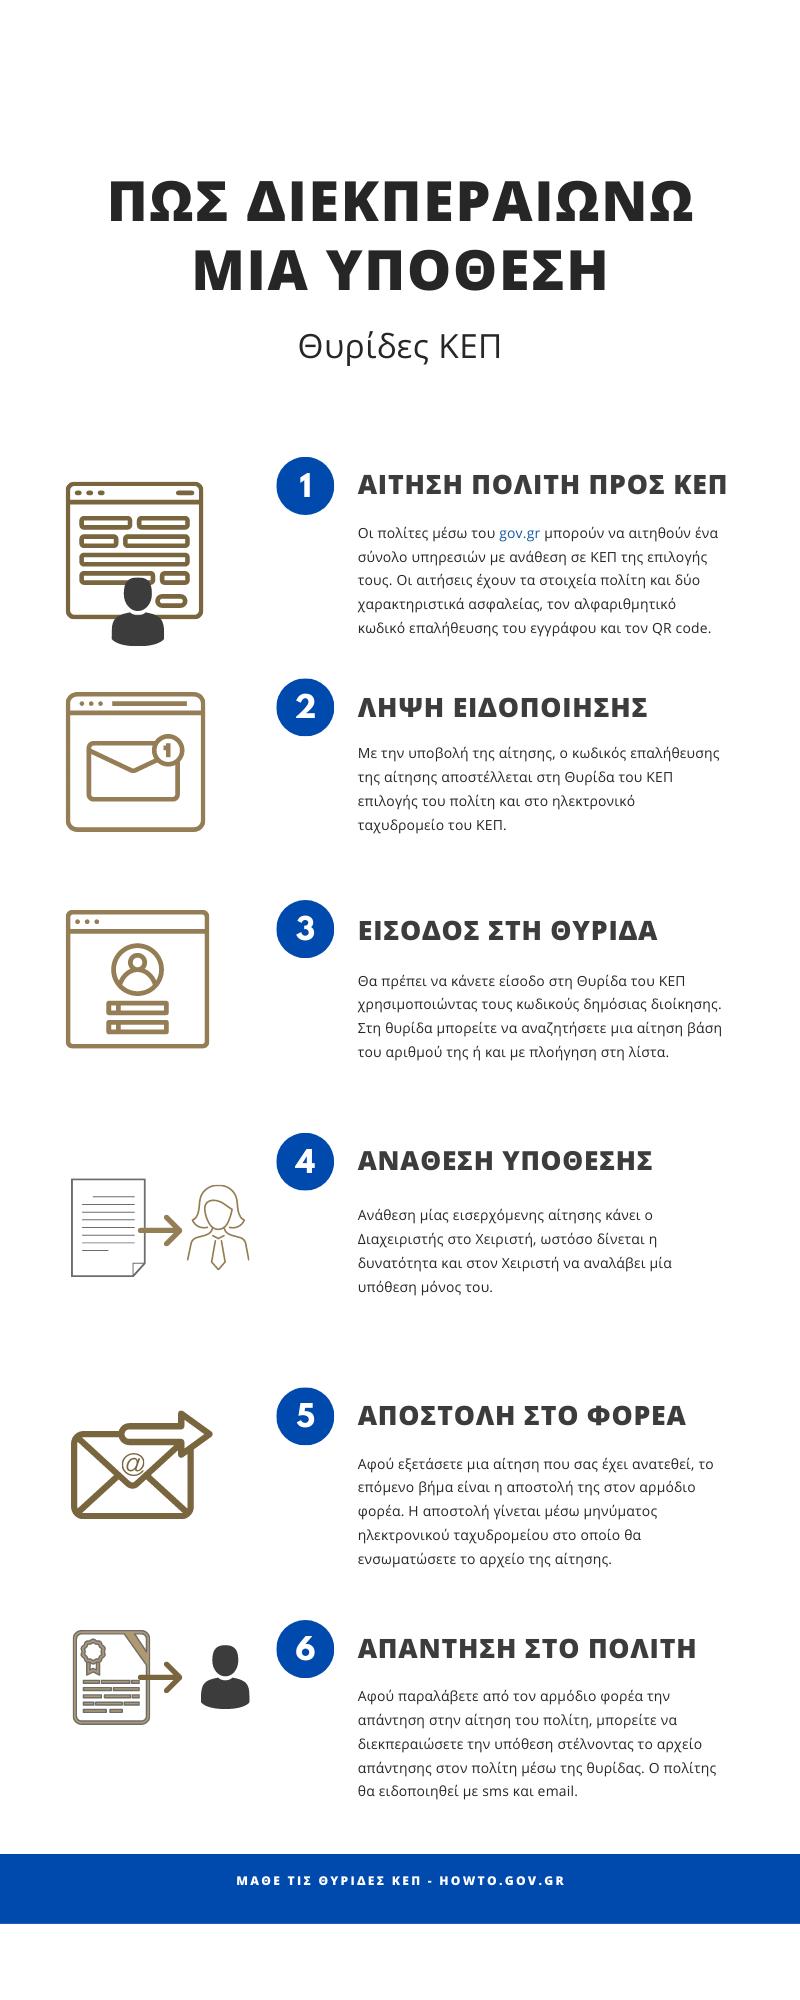 Θυρίδες ΚΕΠ, infographic